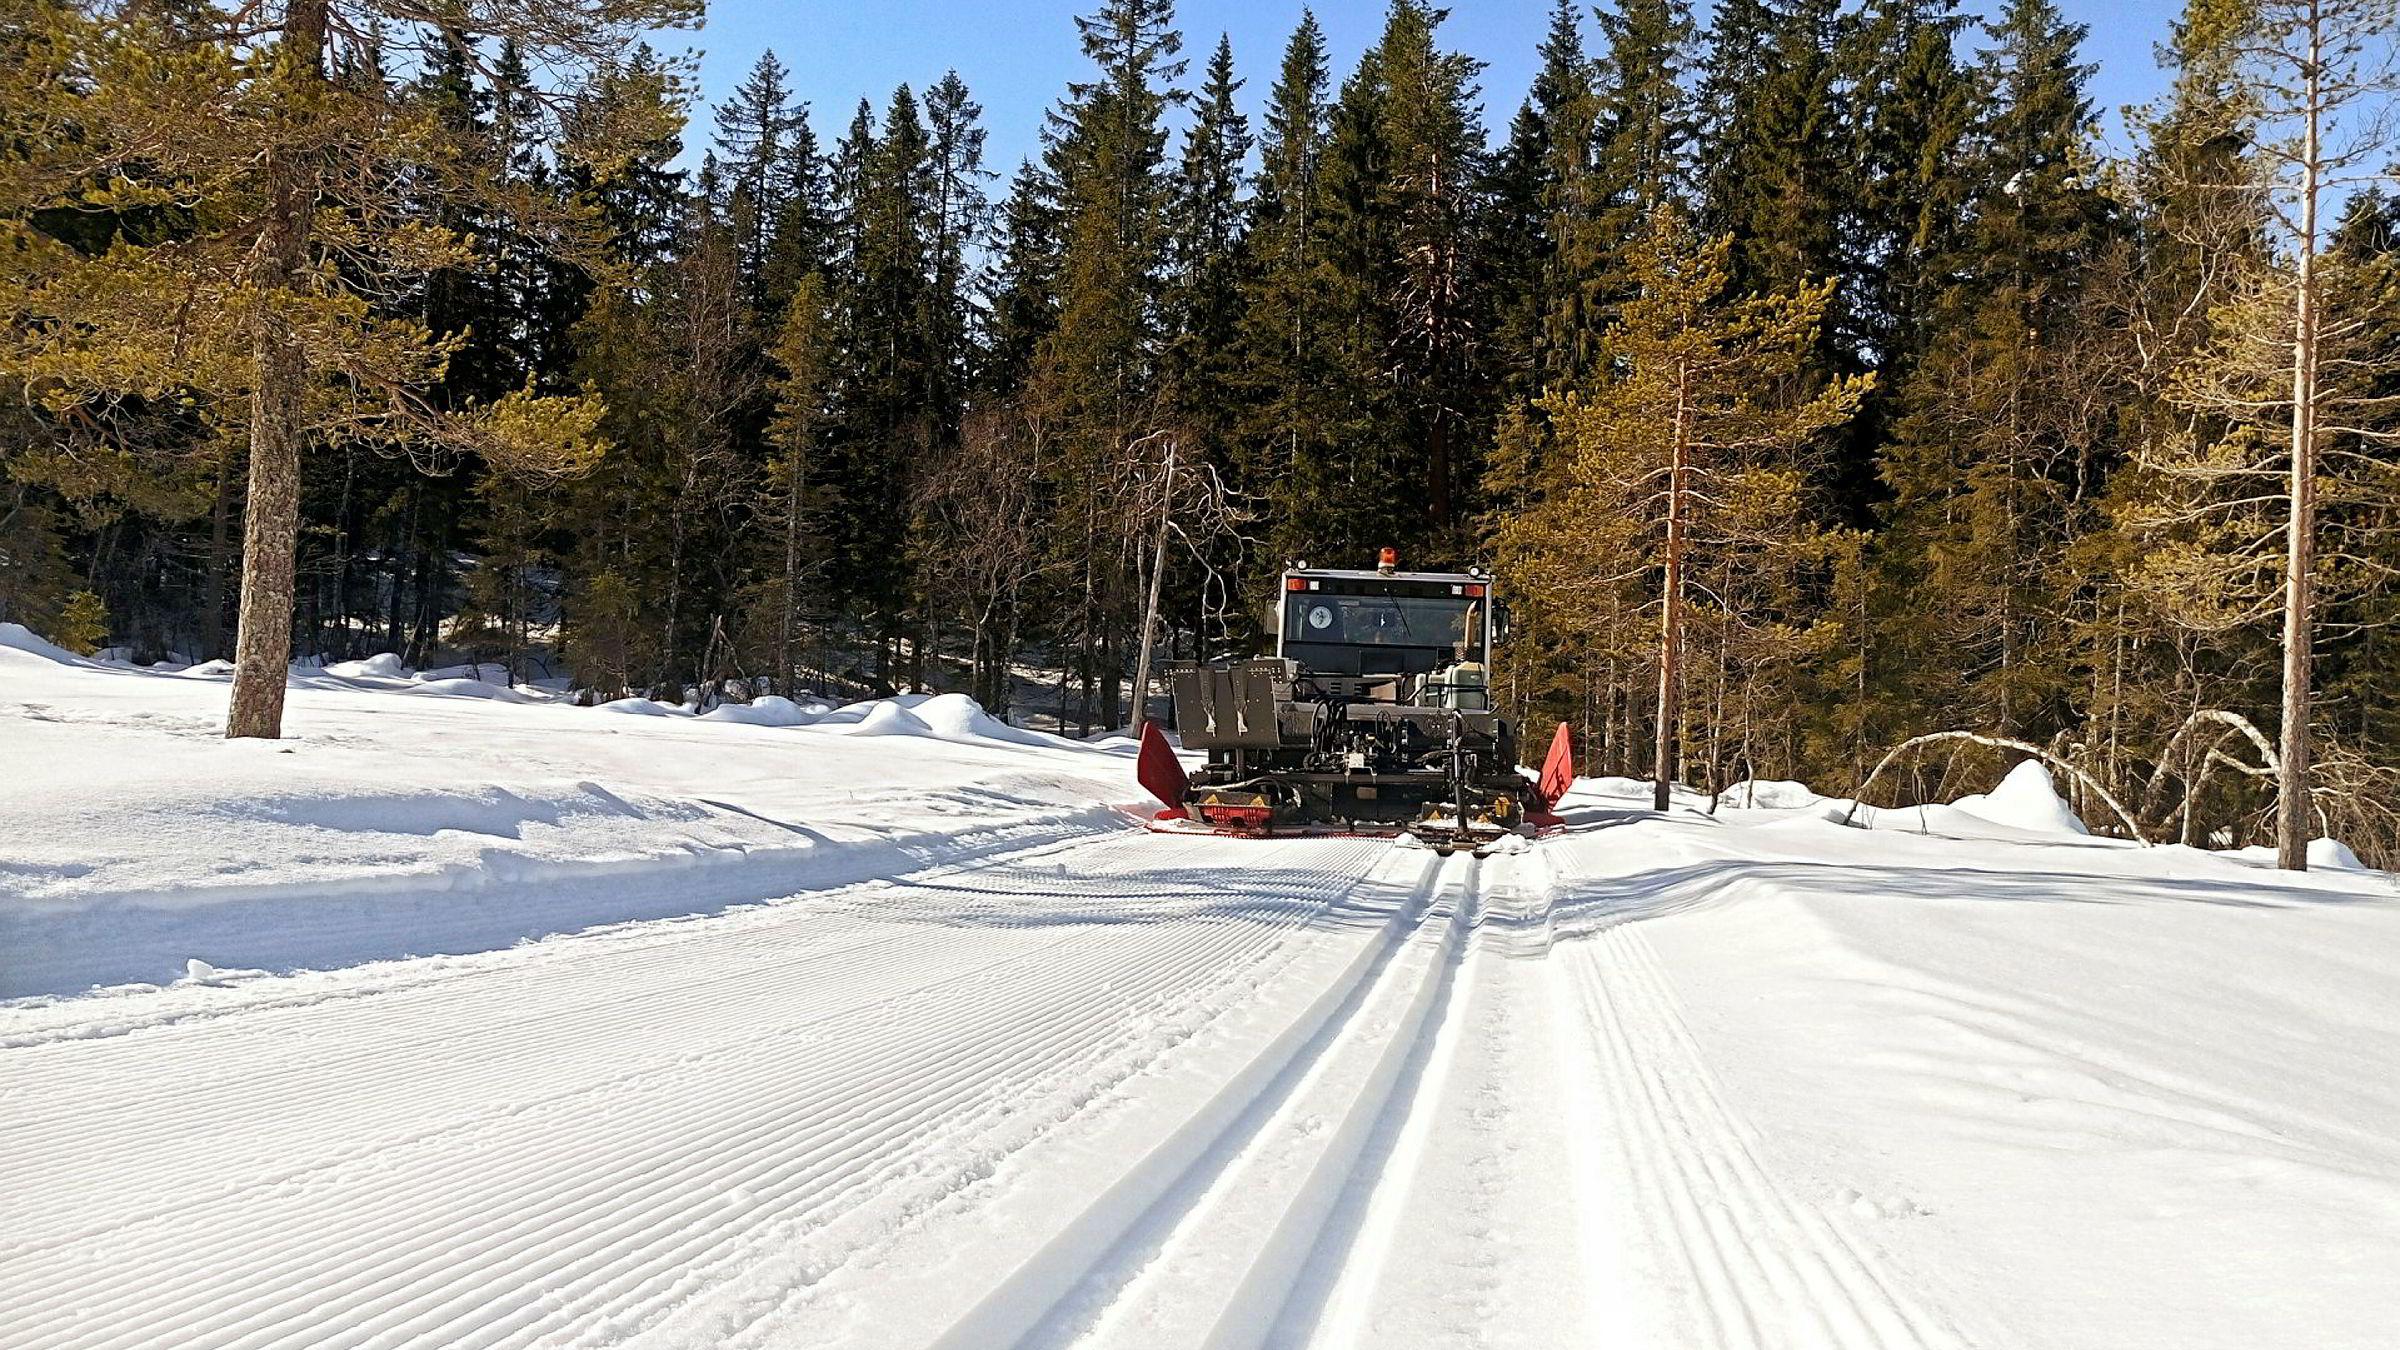 Løypemaskinen på vei fra Stryken til Stålmyra i nordlige deler av Nordmarka nord for Oslo. Forholdene i høyden holder godt fortsatt og vekker håp om at det kan bli mulig å gå på ski 17. mai.